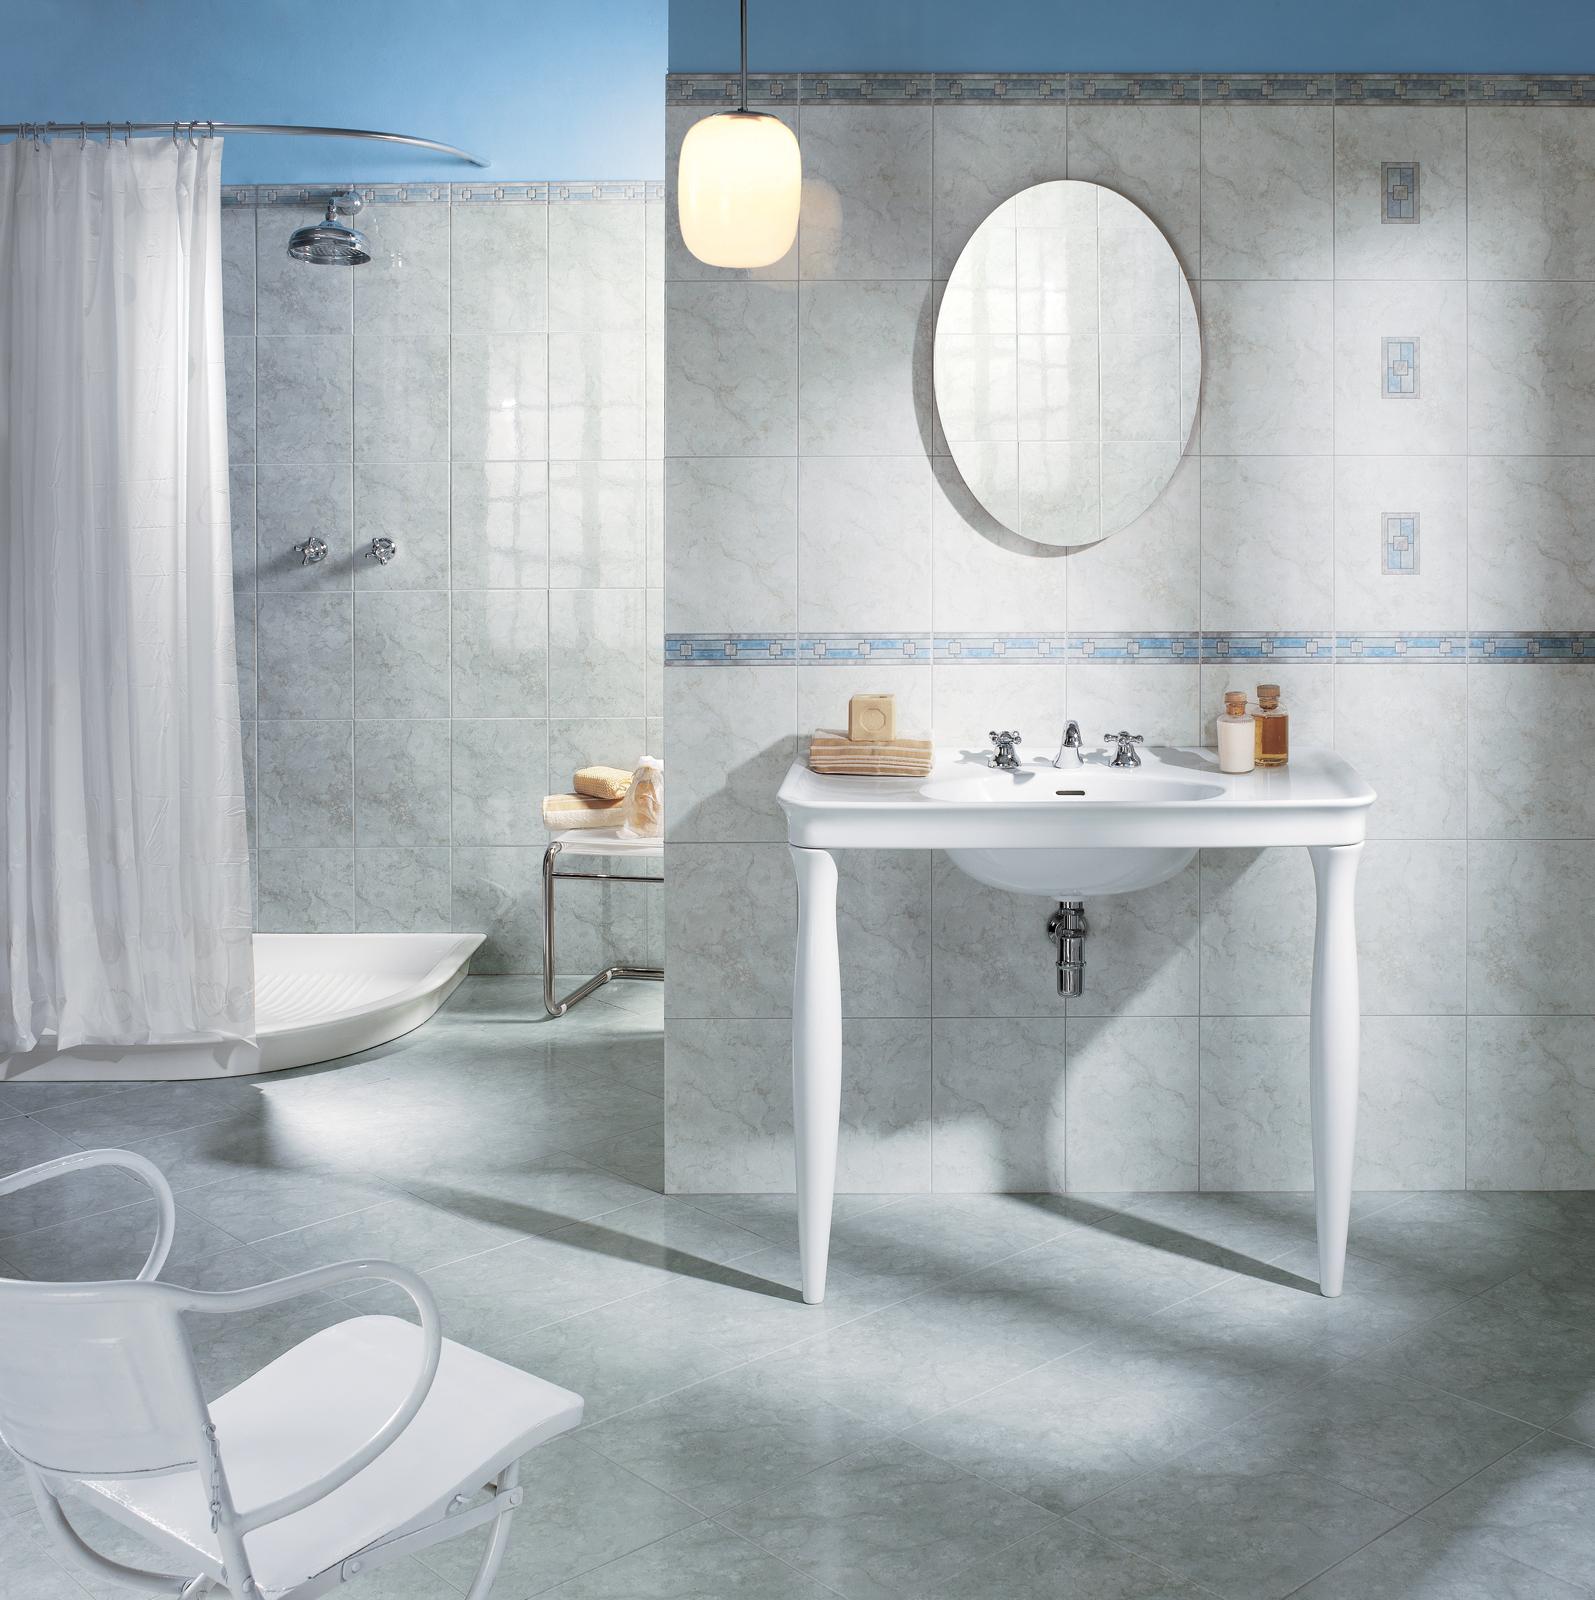 Fontane piastrelle effetto marmo da rivestimento ragno - Mattonelle bagno ragno ...